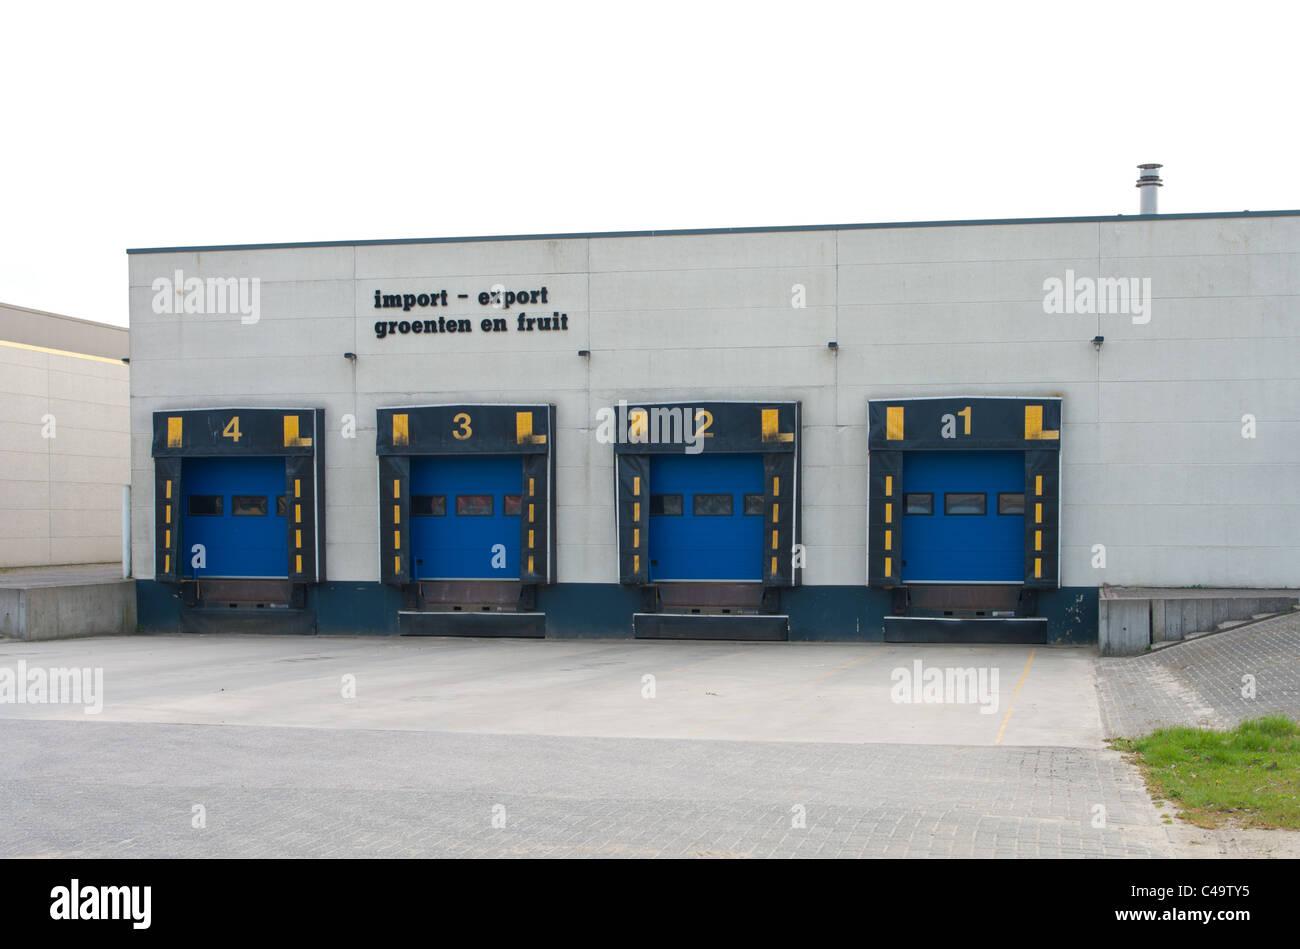 Portes de chargement quai de chargement à un petit entrepôt pour les légumes et les fruits Photo Stock